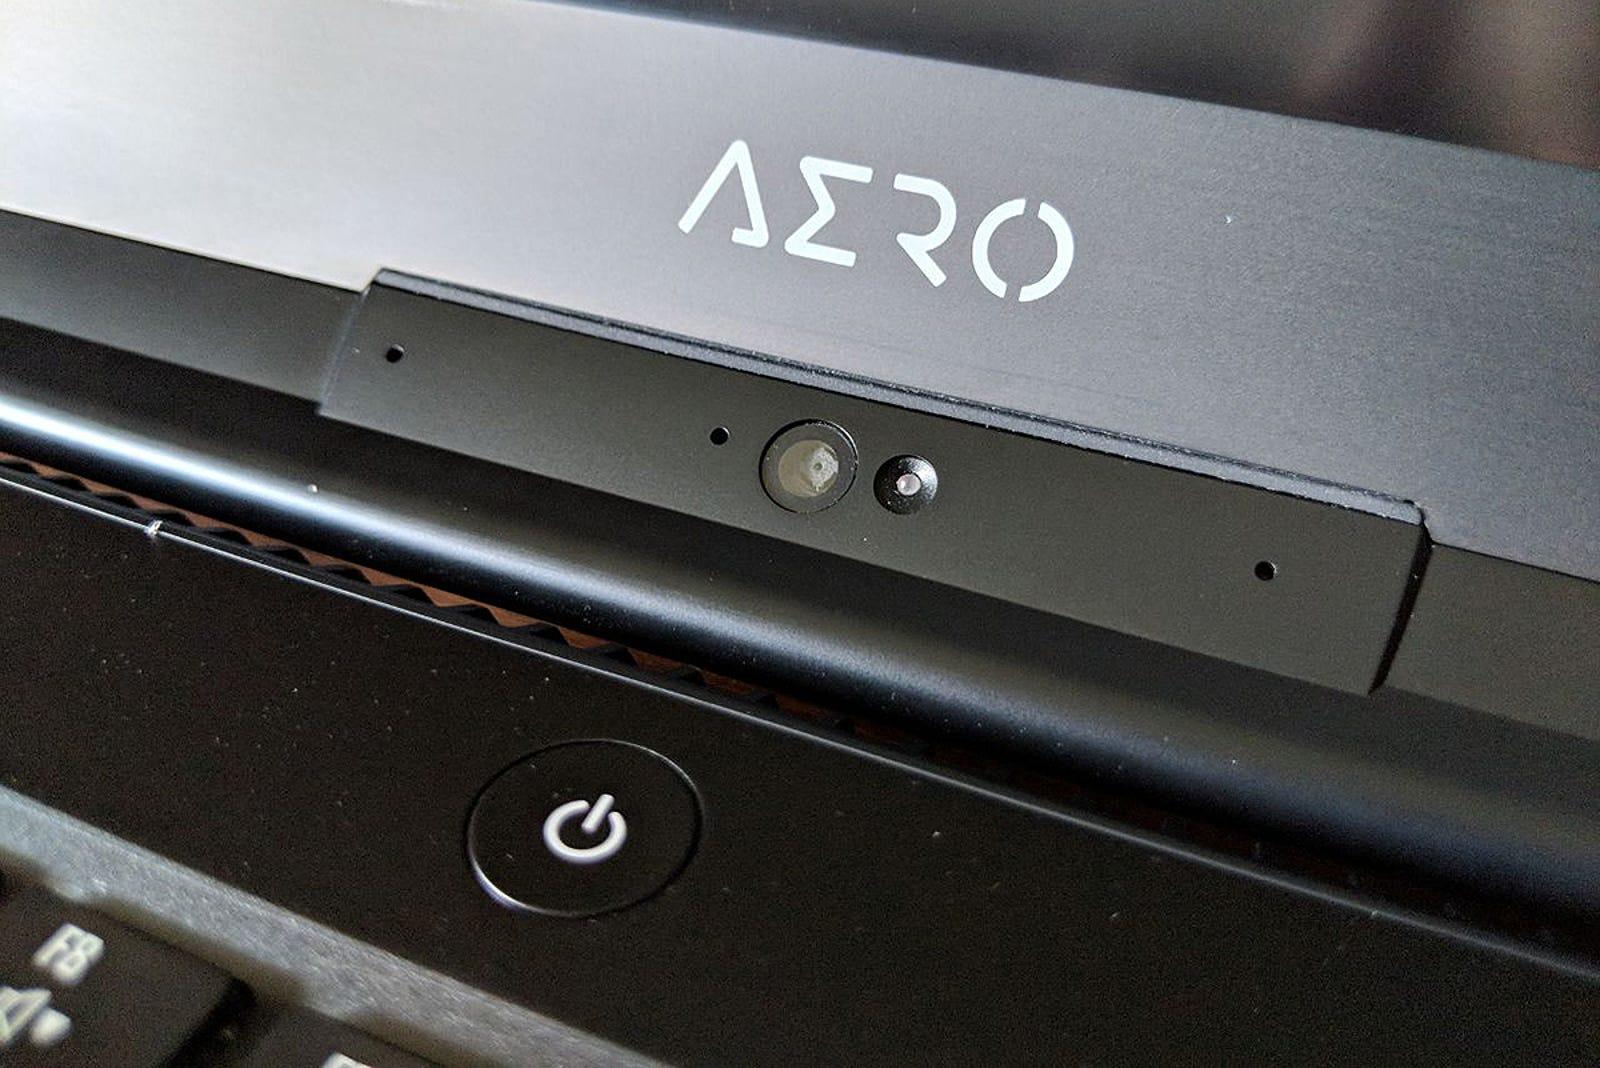 Los marcos del Aero son sólidos como una roca y finos (solo 5mm). A continuación un ejemplo de cómo son los marcos de un mal portátil.